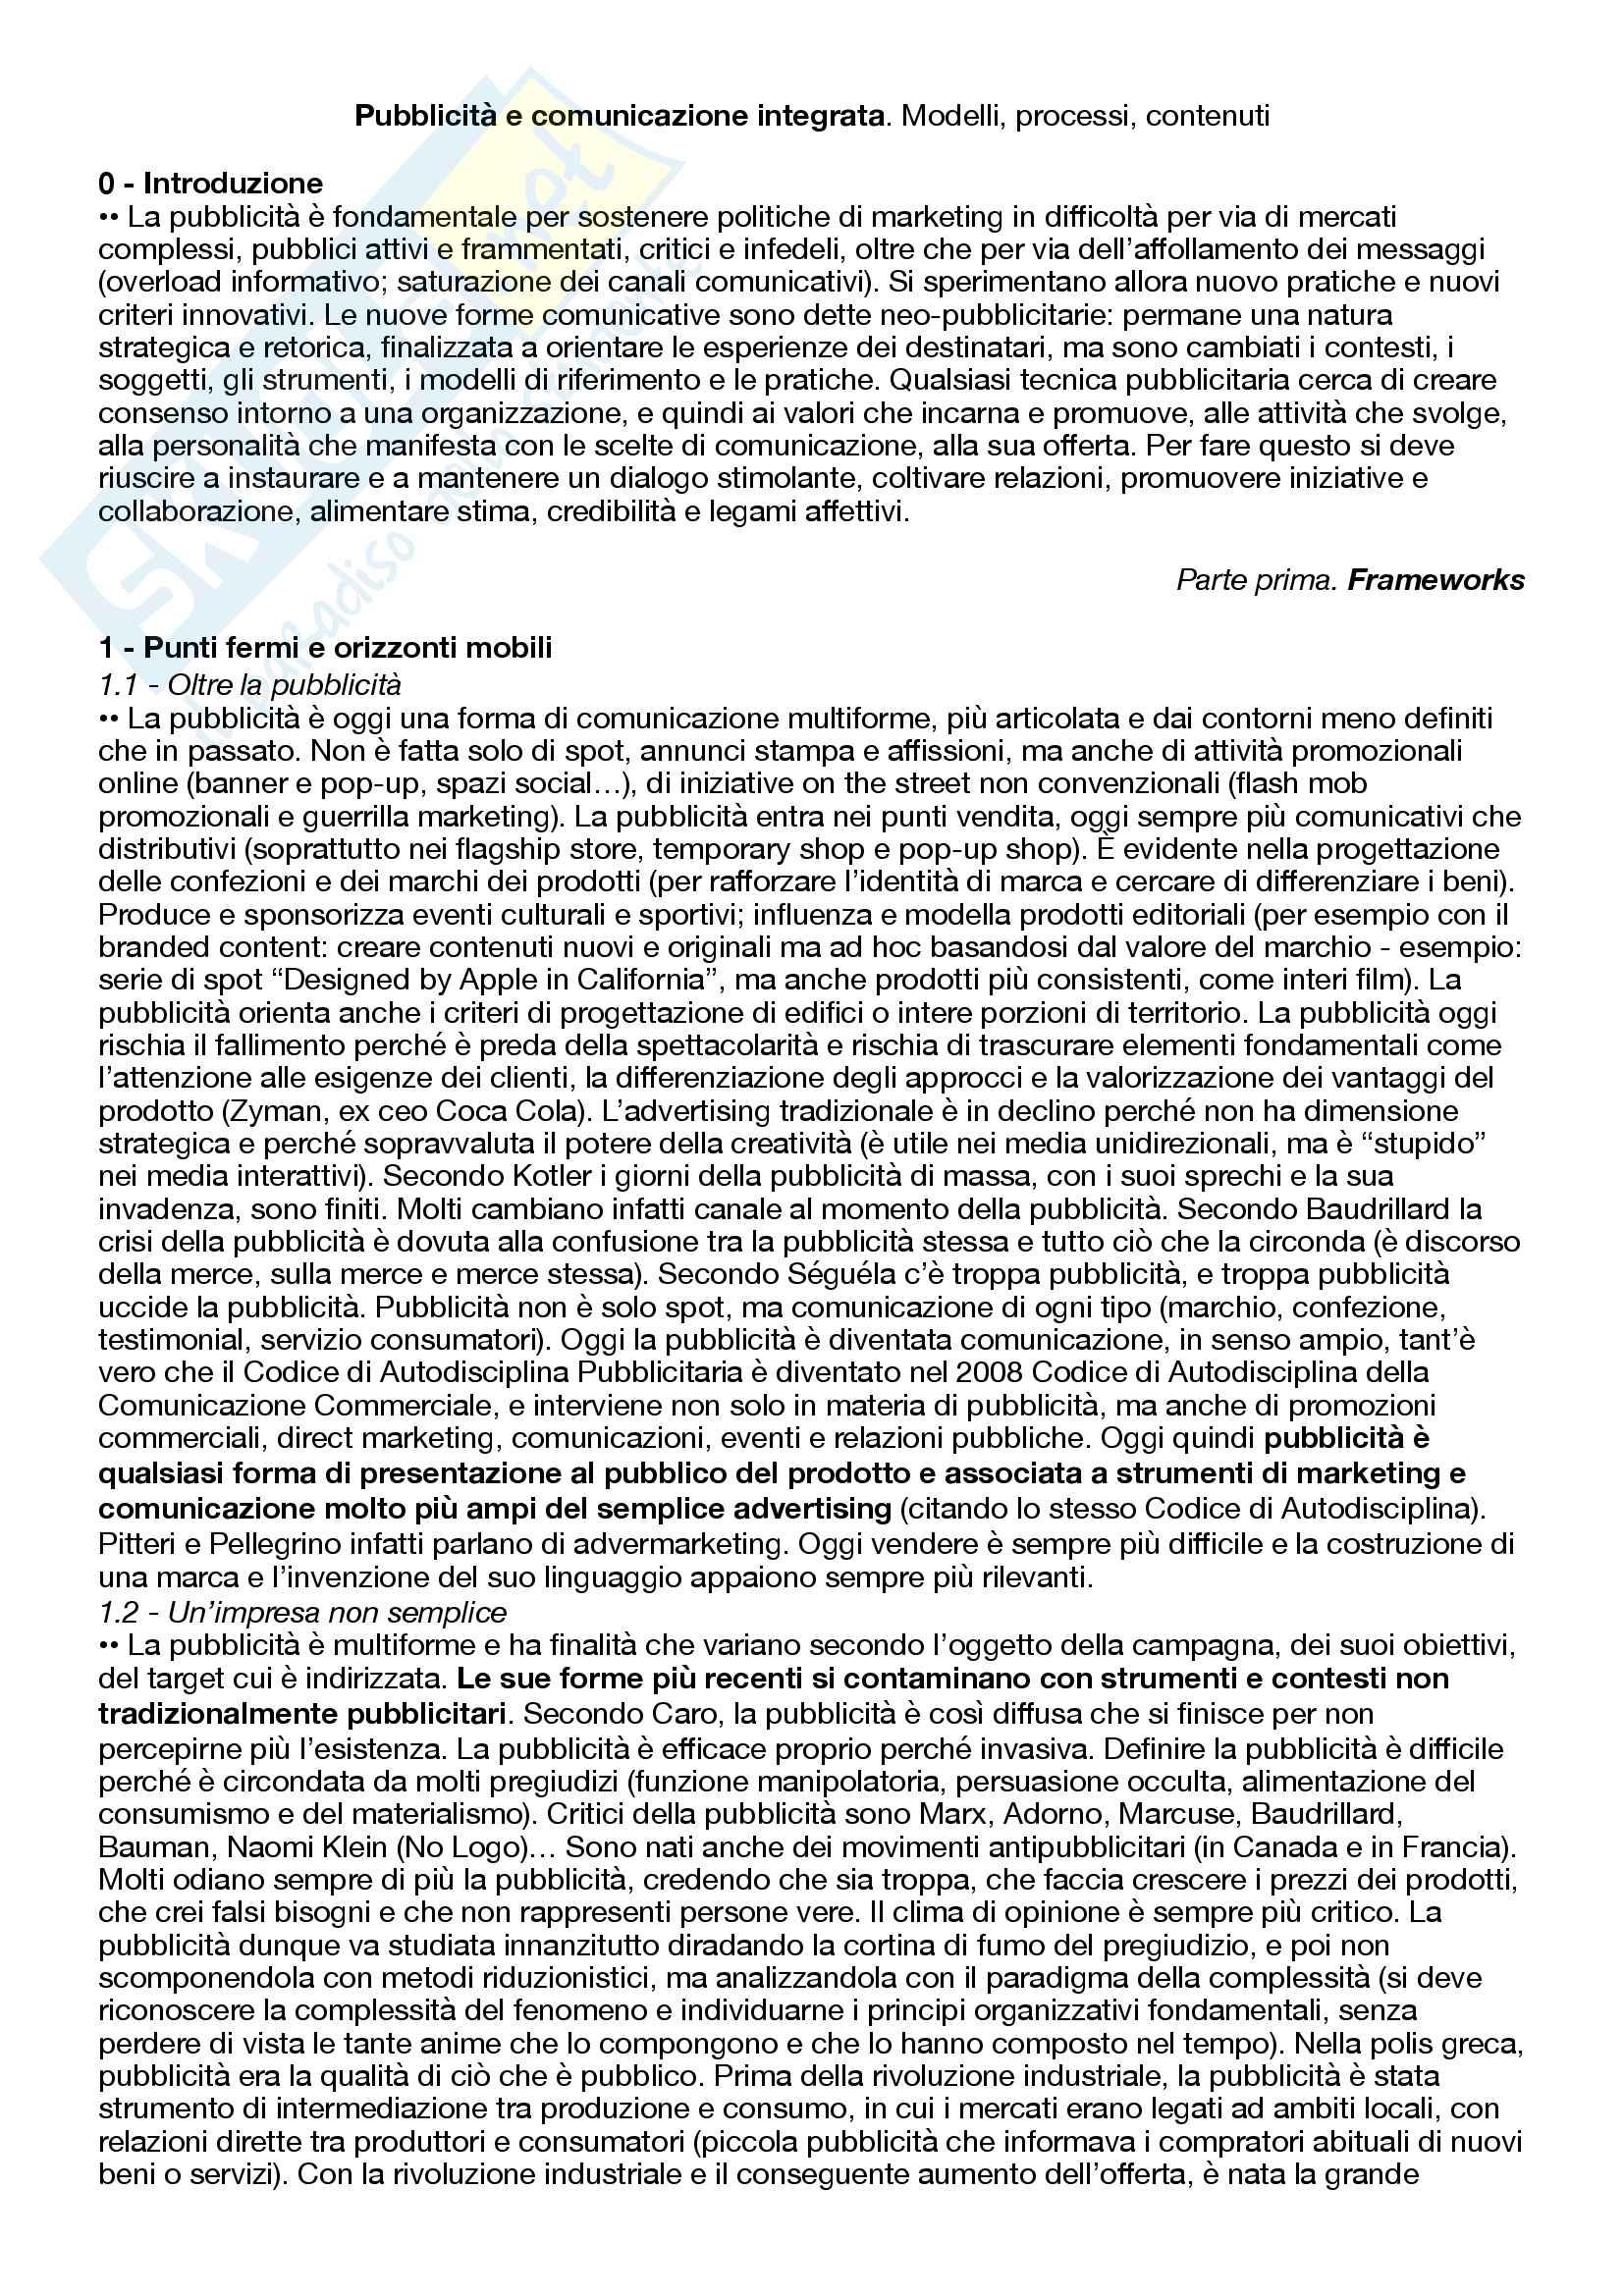 Riassunto esame Pubblicità e strategie di comunicazione integrata, prof. Panarese, libro consigliato Pubblicita' e comunicazione integrata - Modelli processi contenuti